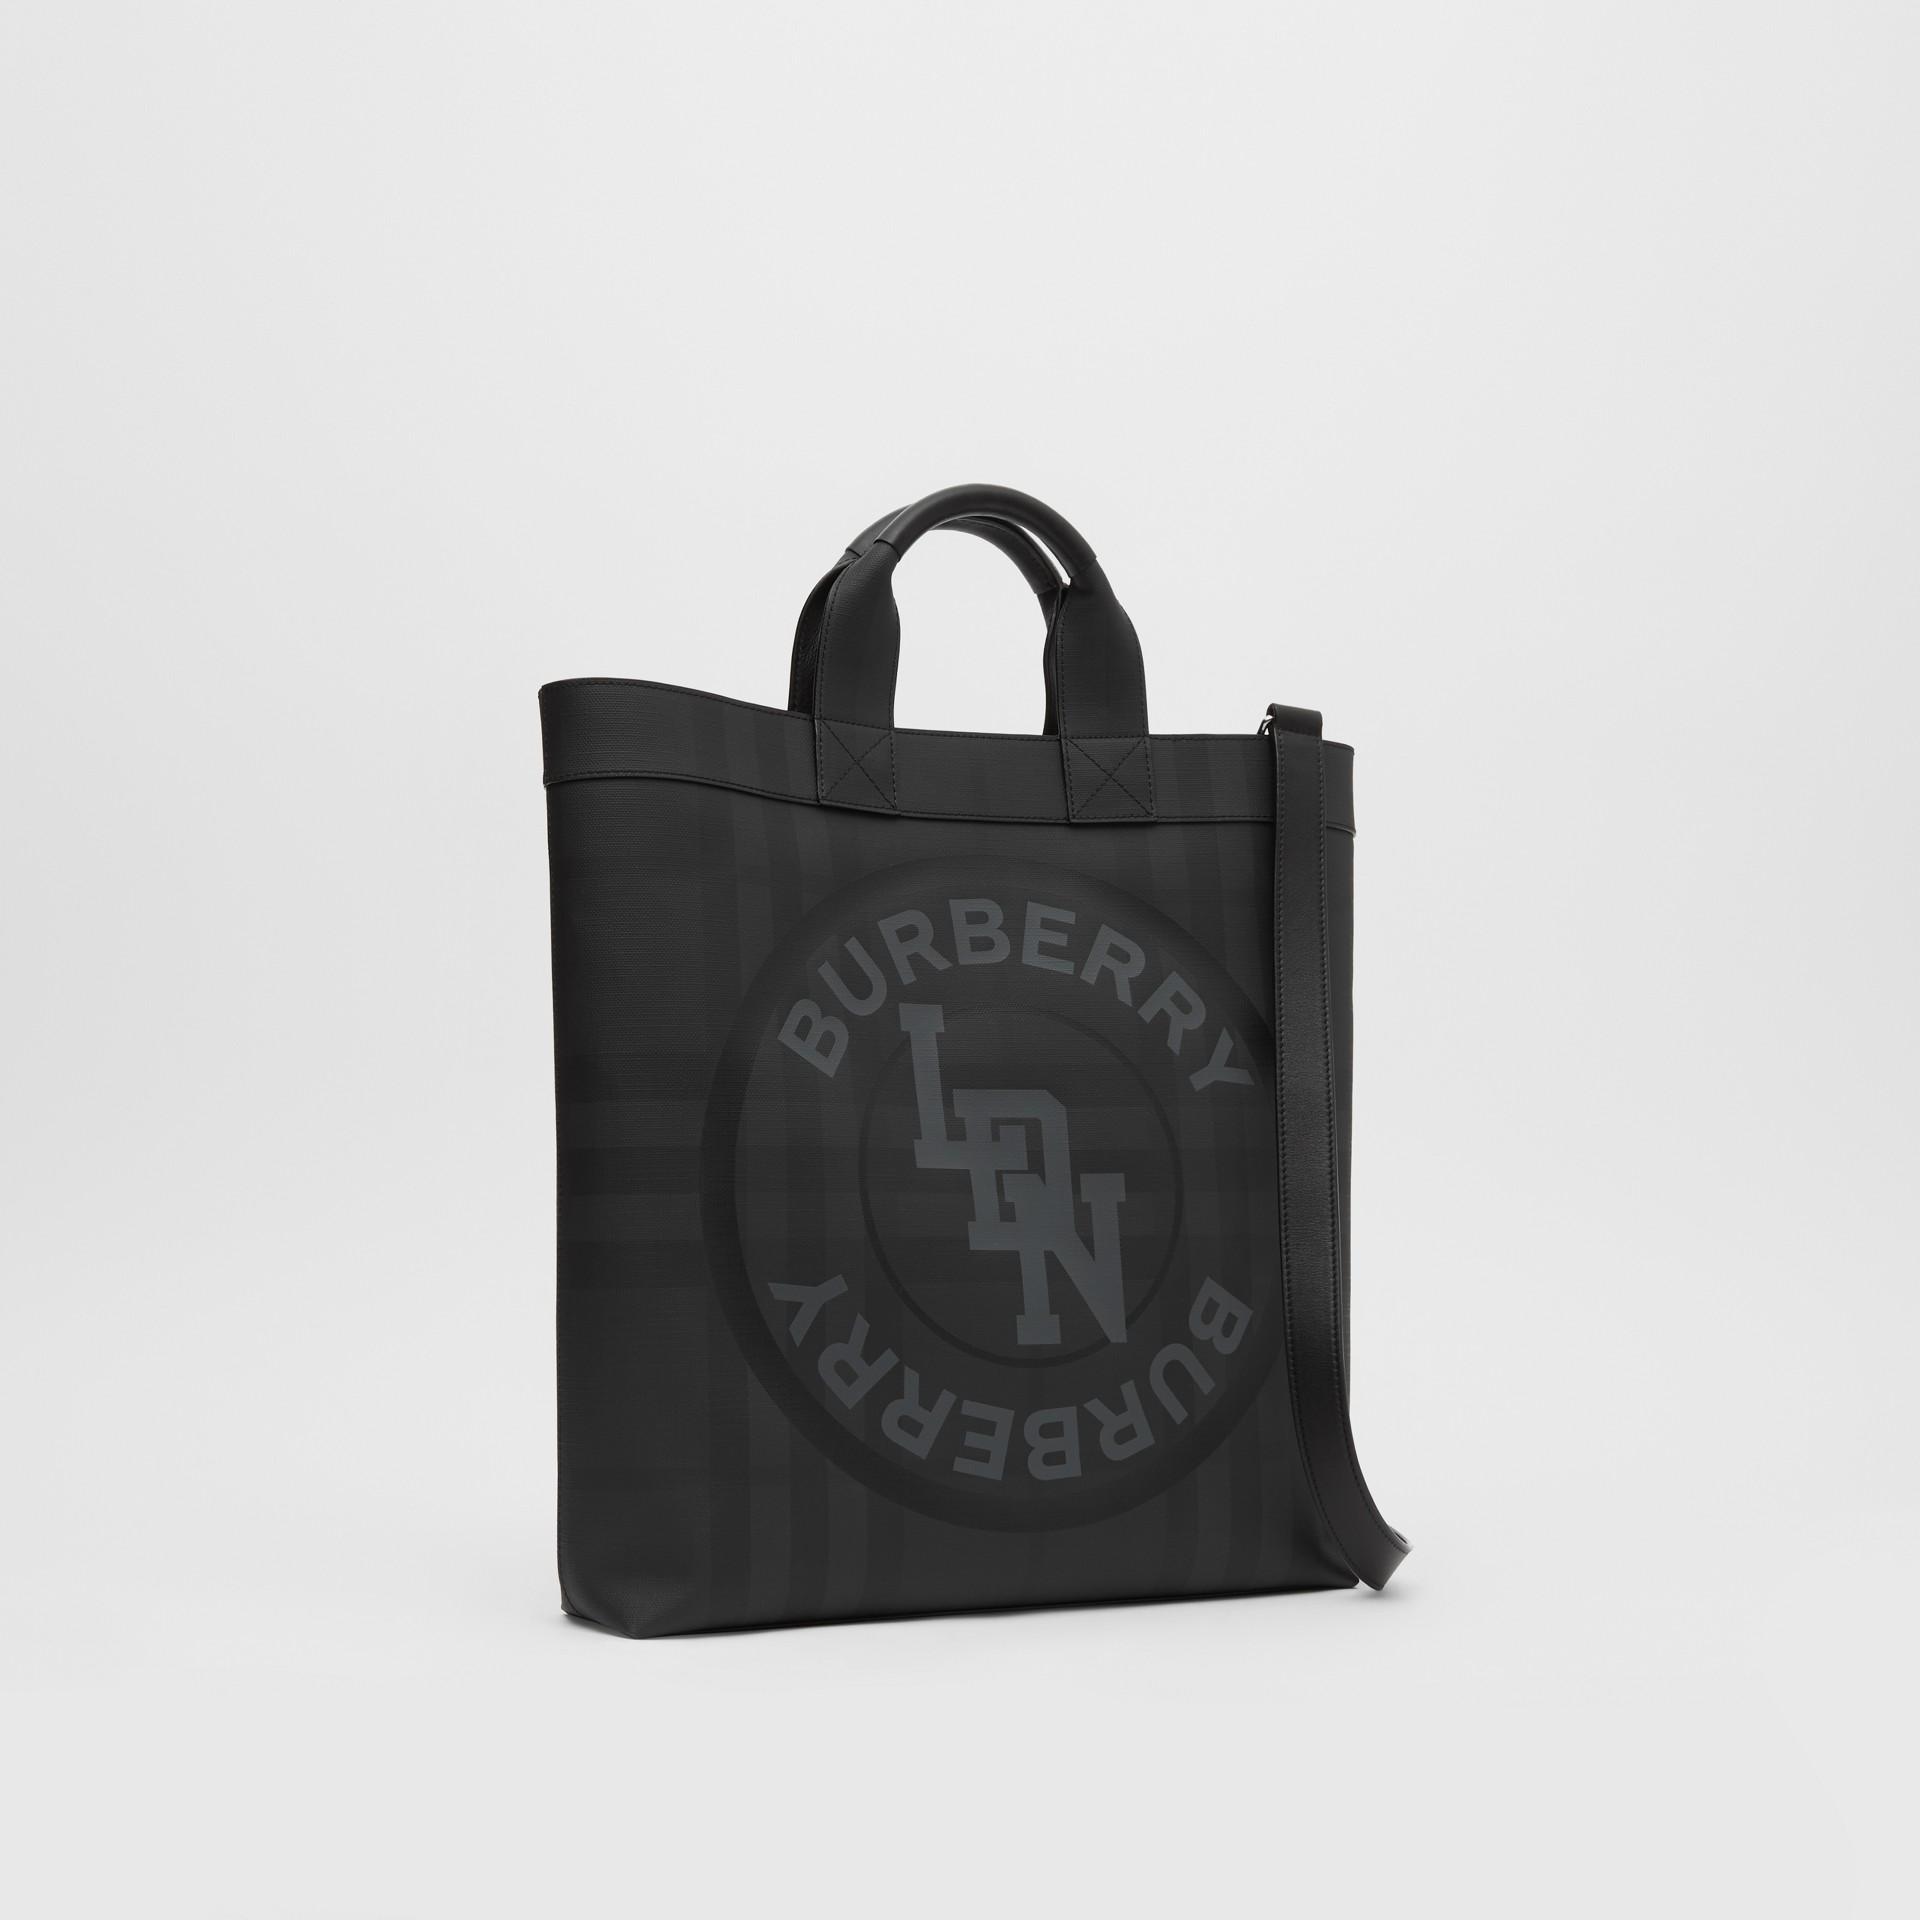 Henkeltasche aus London Check-Gewebe mit Logo-Grafik (Dunkles Anthrazitfarben) - Herren | Burberry - Galerie-Bild 8